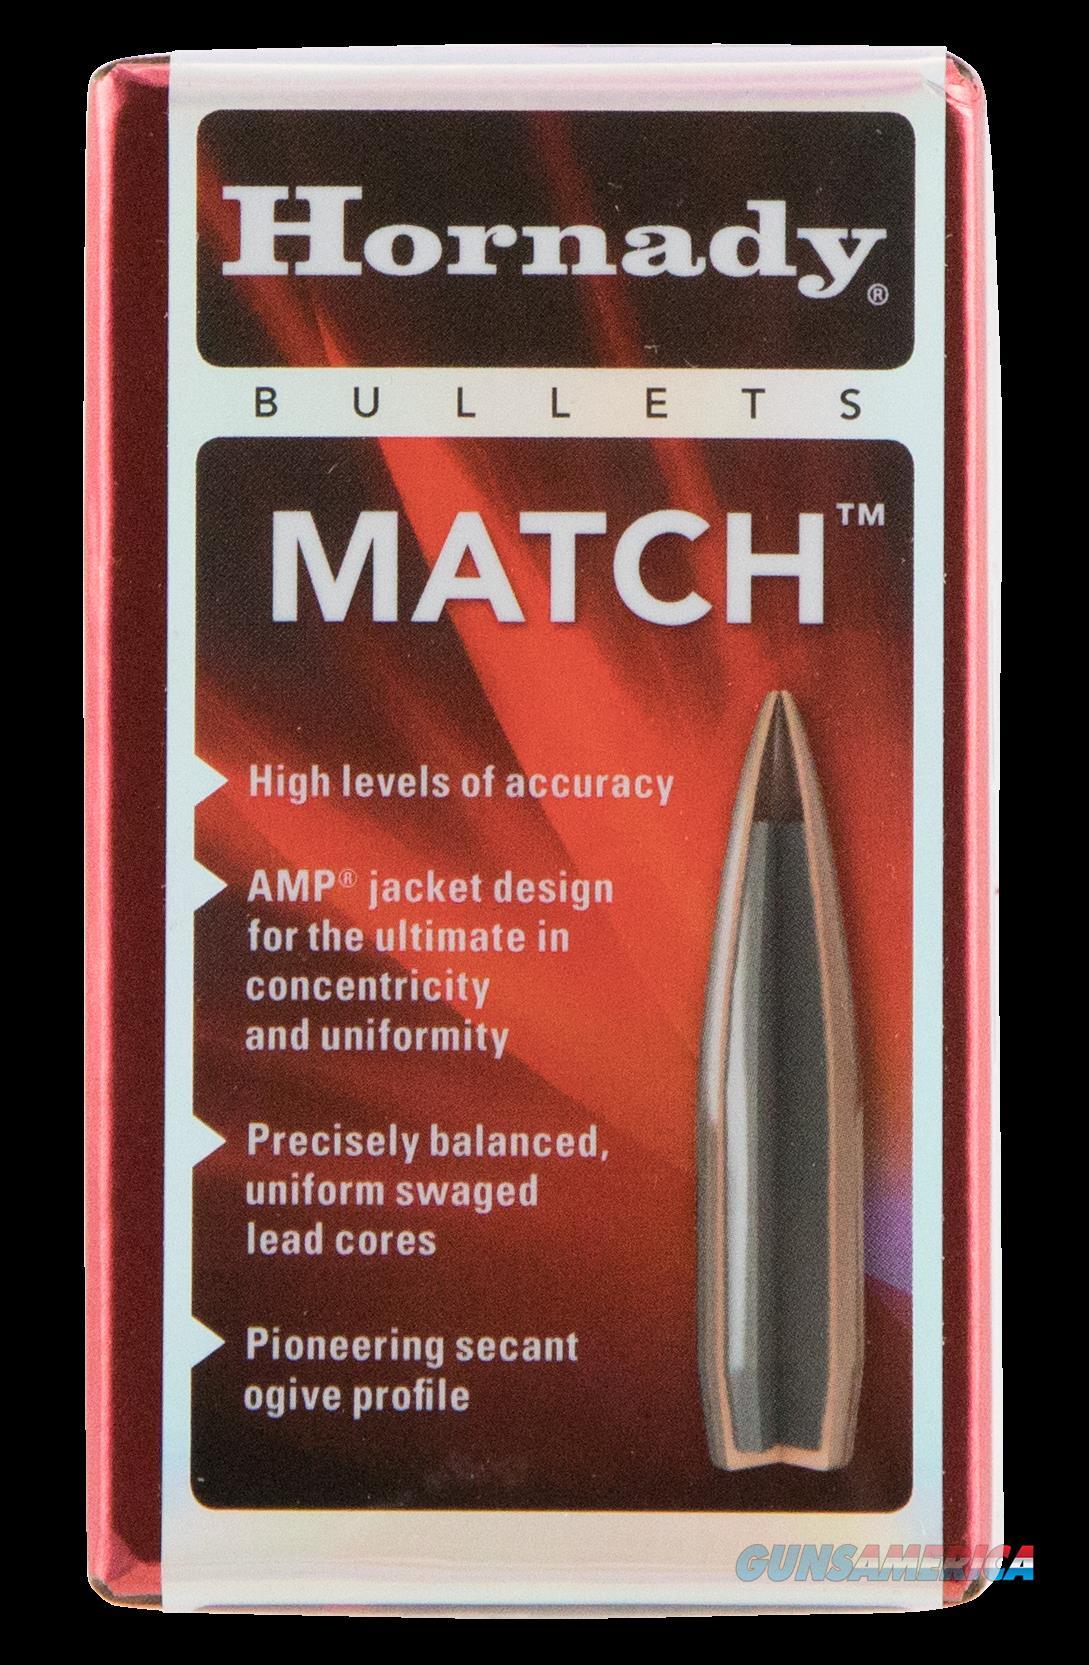 Hornady Match, Horn 27200 Bull .277 110 Bthp W-c  100  Guns > Pistols > 1911 Pistol Copies (non-Colt)